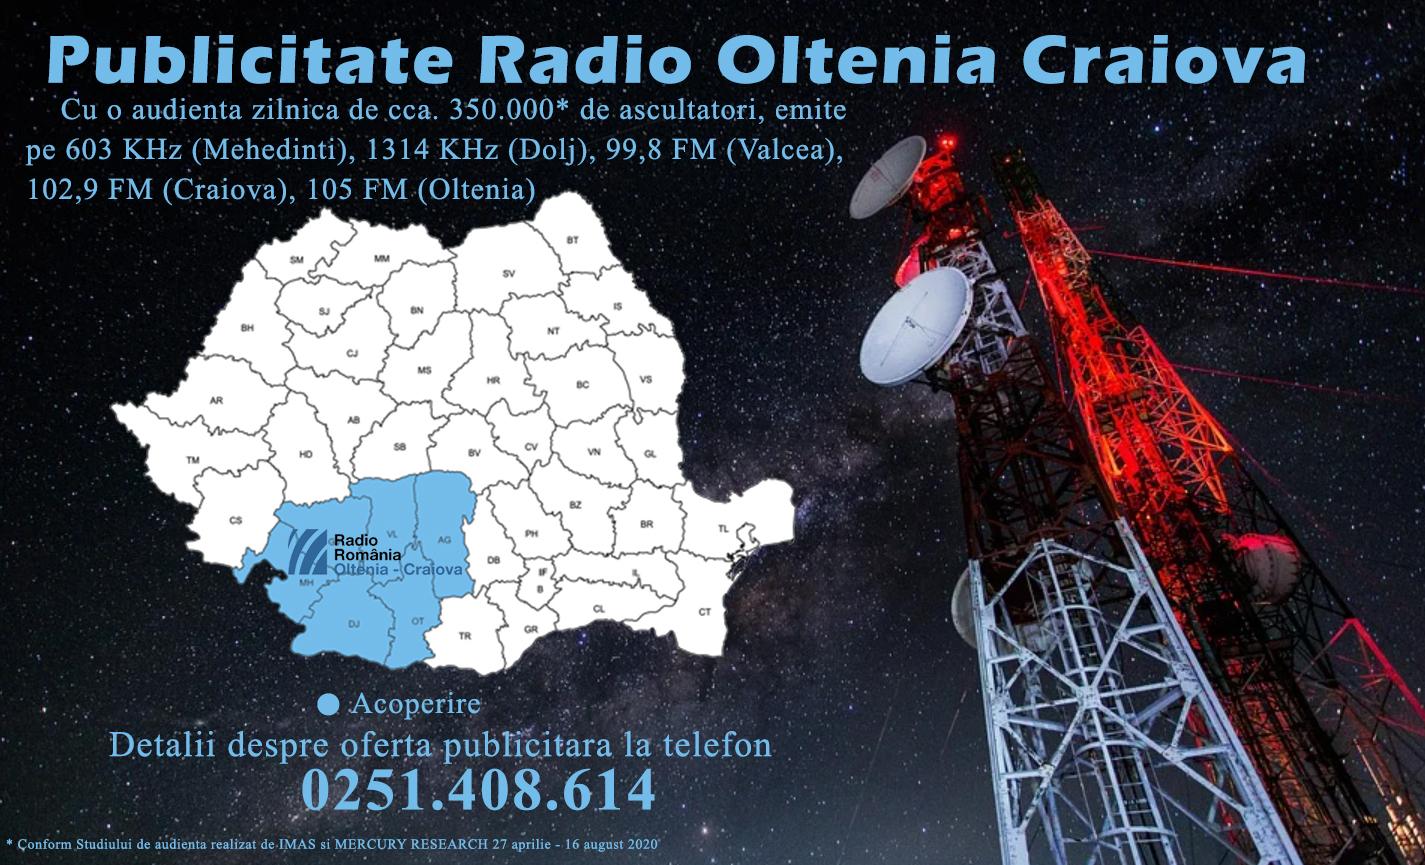 Derularea unei campanii de publicitate la Radio Oltenia - Craiova garanteaza acoperire simultana in judetele: Dolj, Gorj, Mededinti, Olt, Valcea, si chiar la Sud de Dunare, pe Valea Timocului sarbesc si in Nord-Vestul Bulgariei.